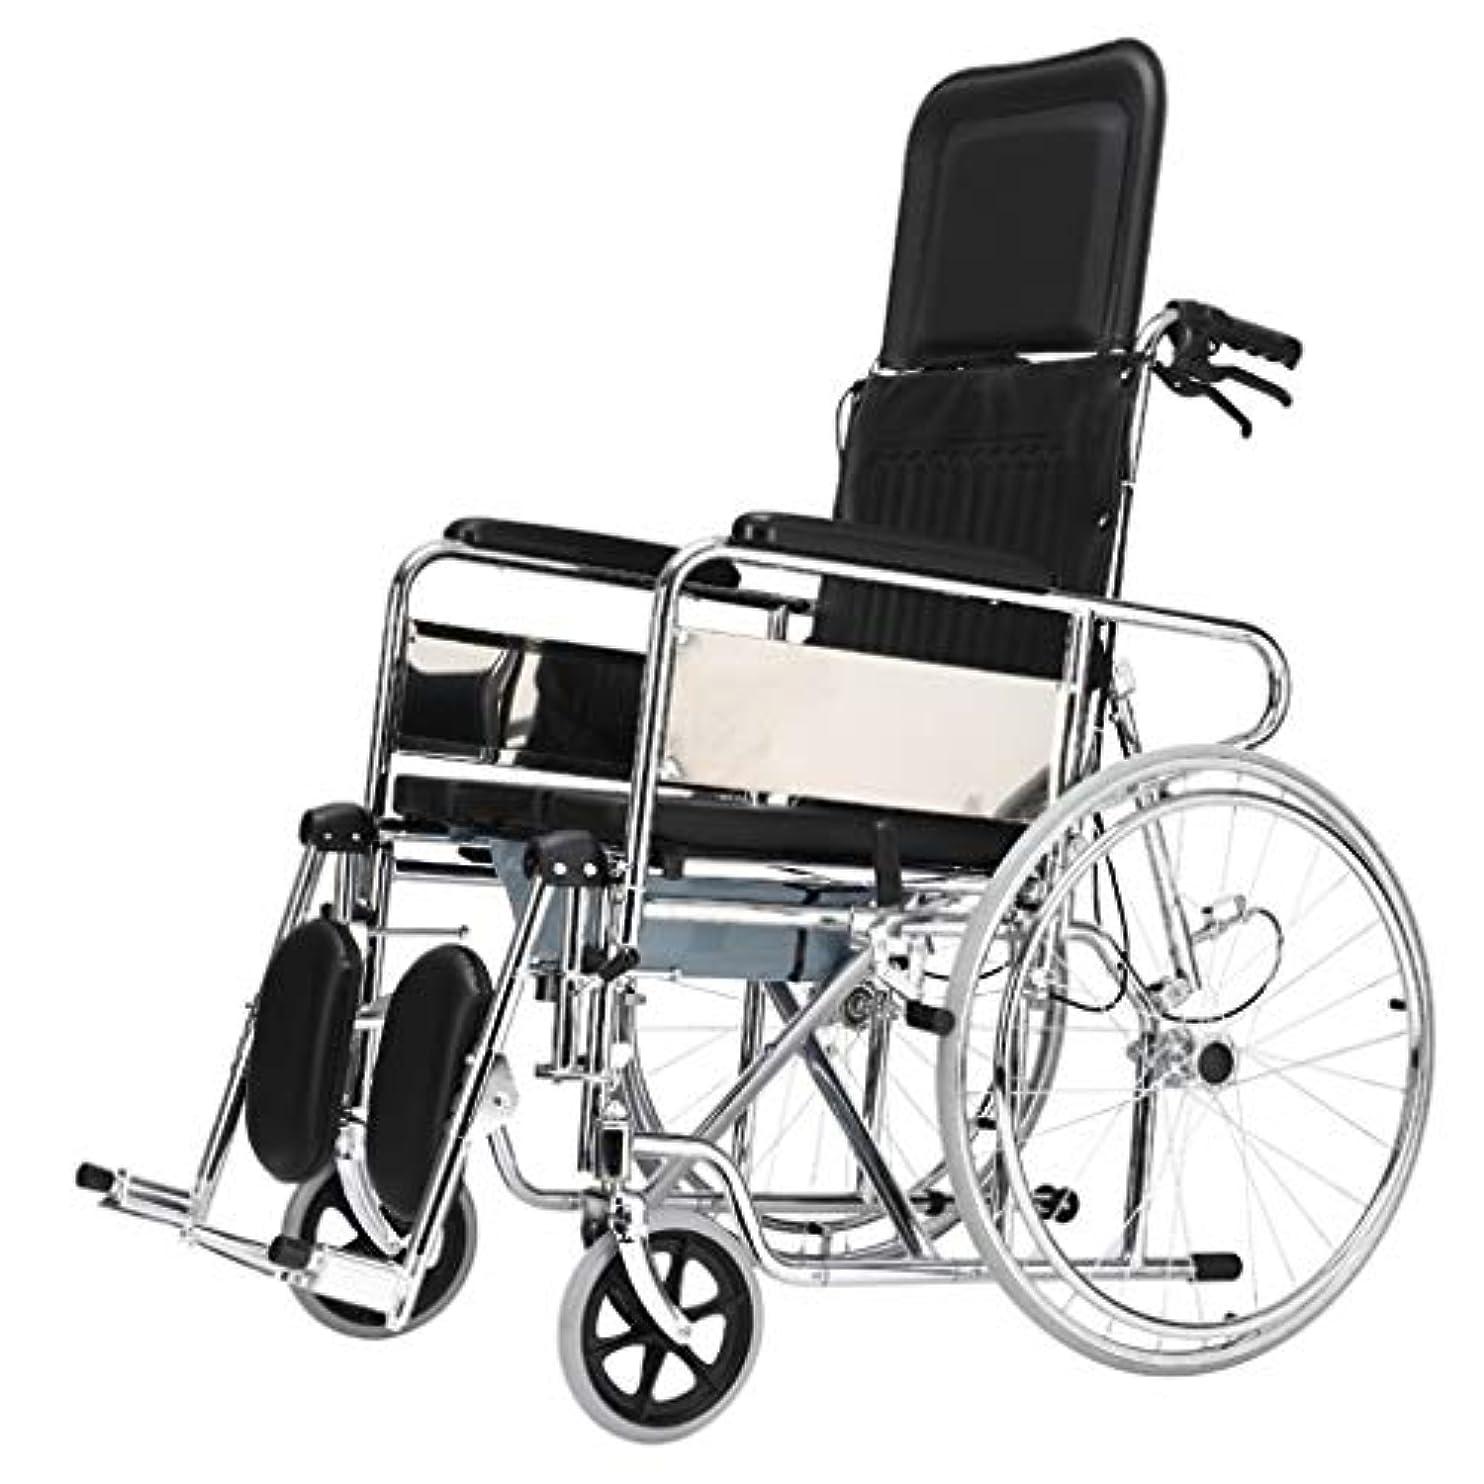 王女責任シェード車椅子トロリー屋外旅行パートナー、多機能フルレイ/セミライニングデザイン、高齢者障害者車椅子